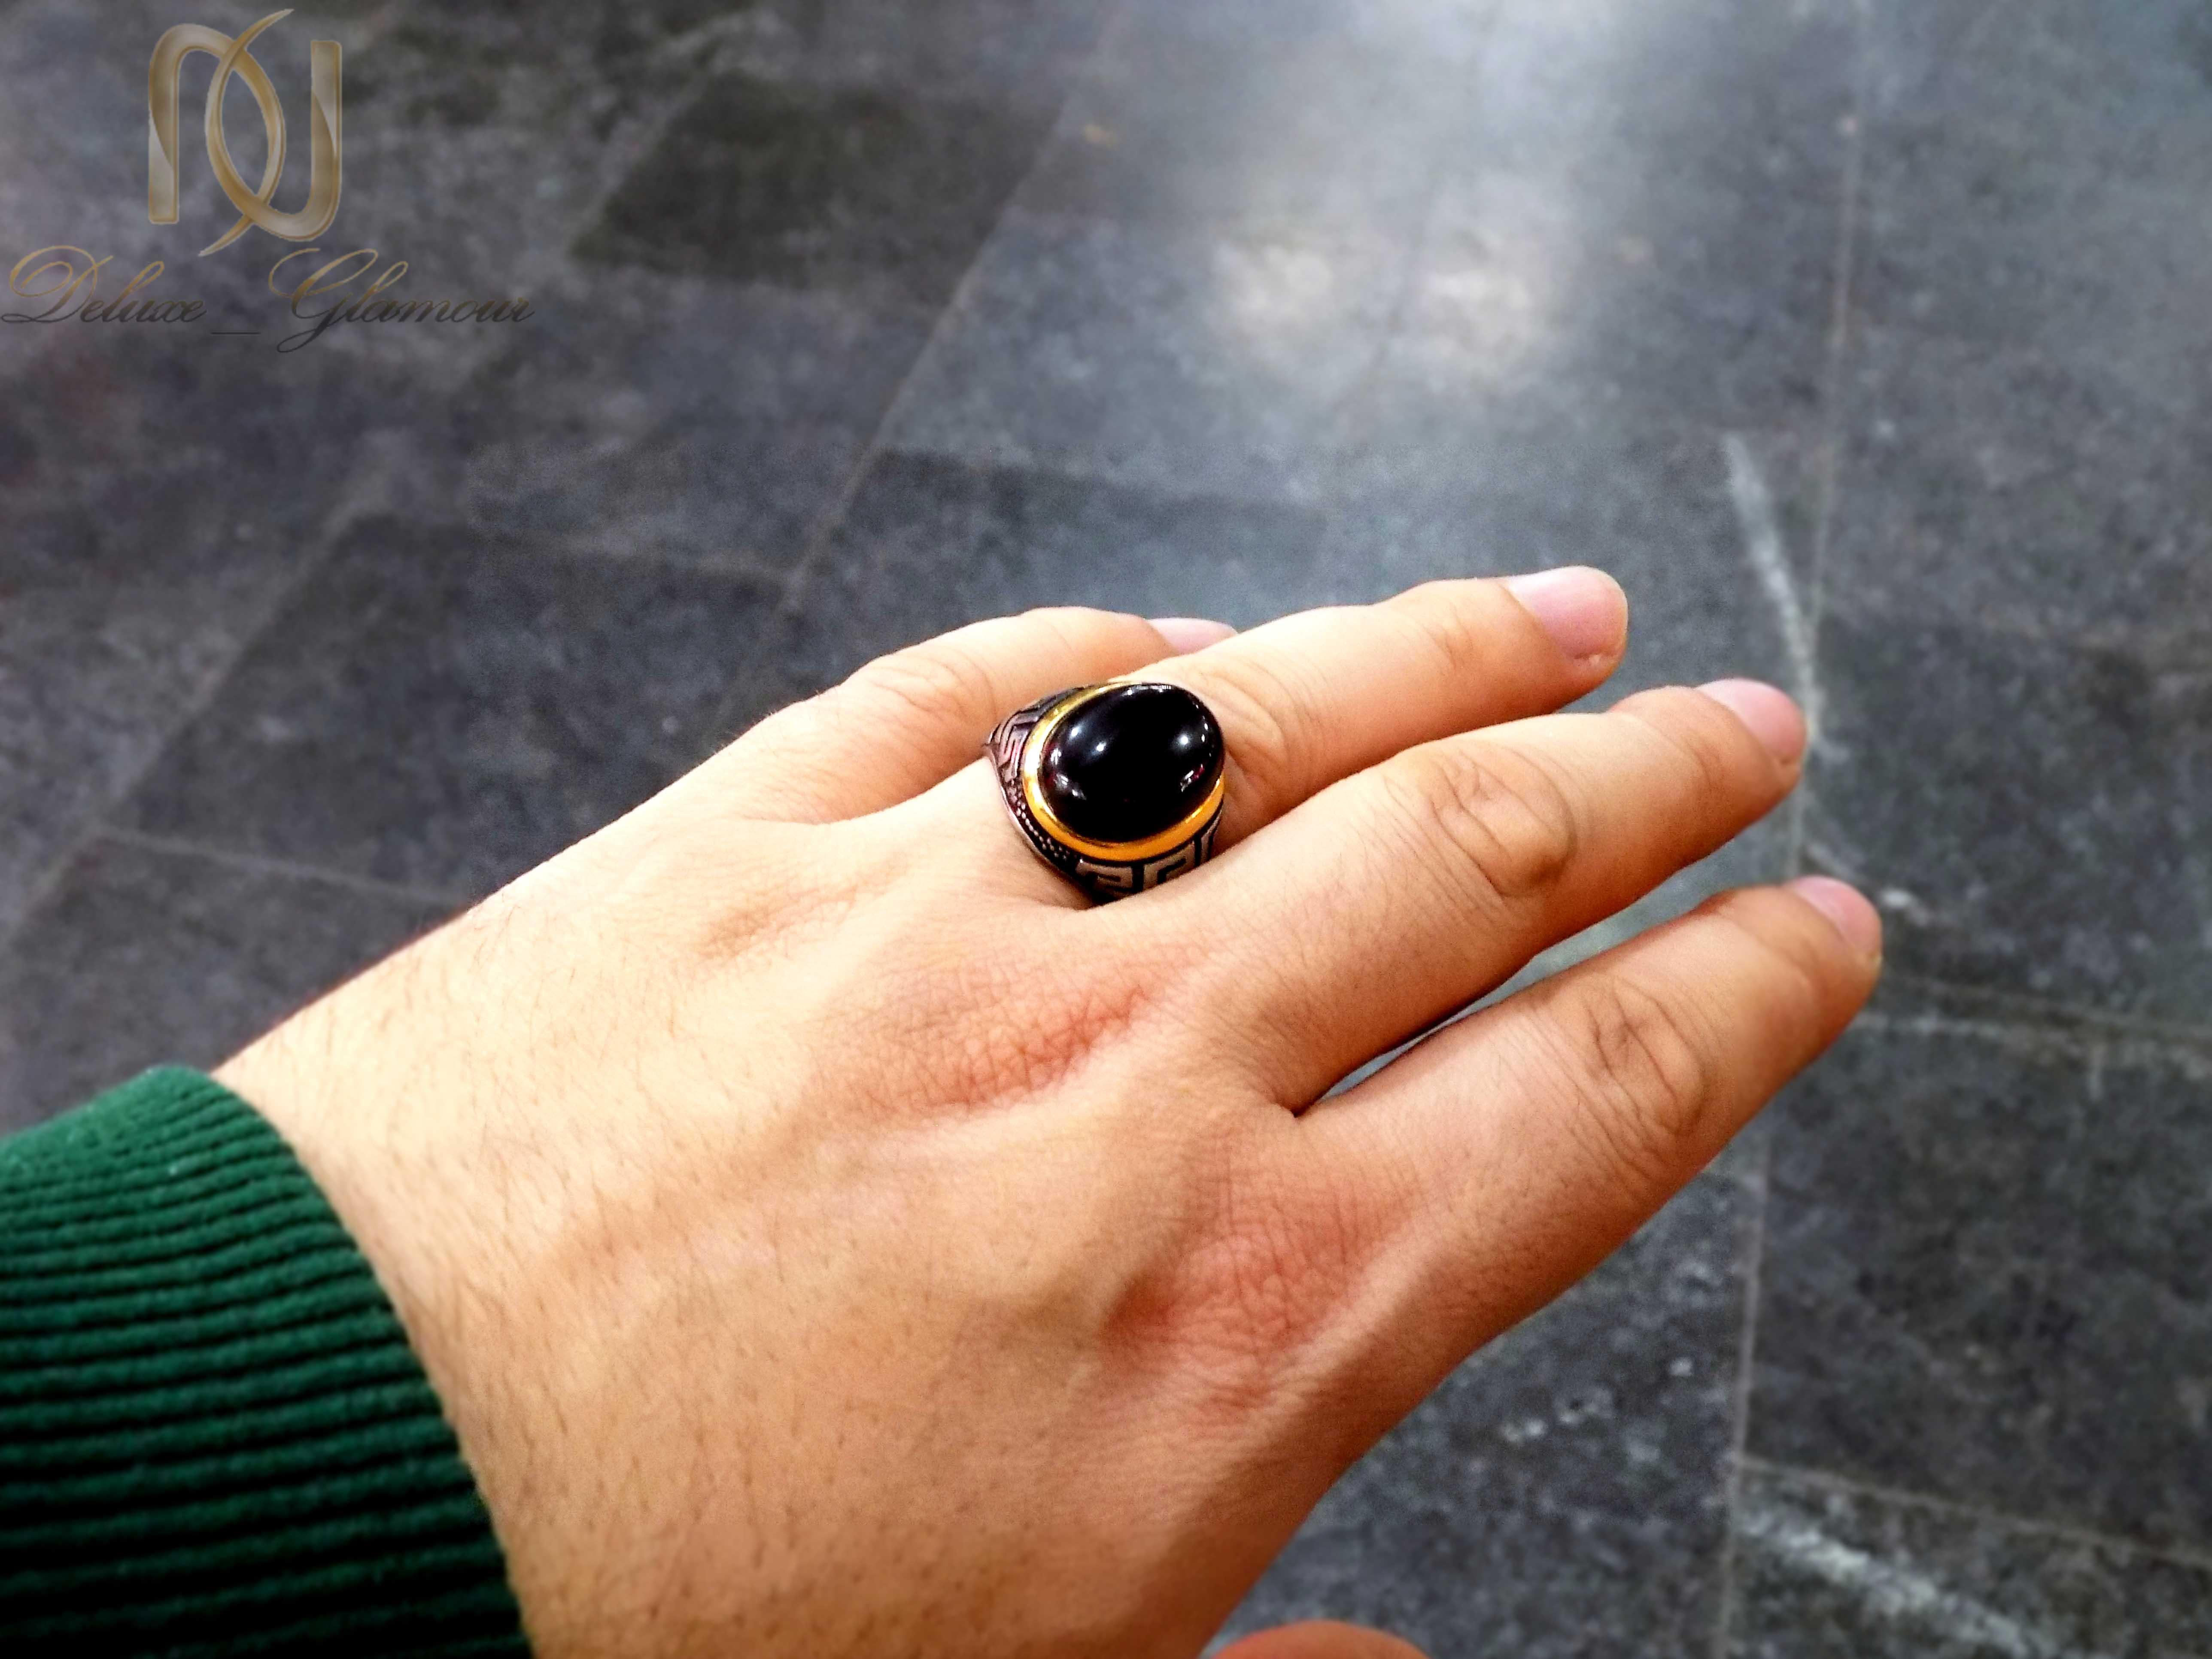 انگشتر مردانه استیل نگین مشکی rg-n271 از نمای روی دست